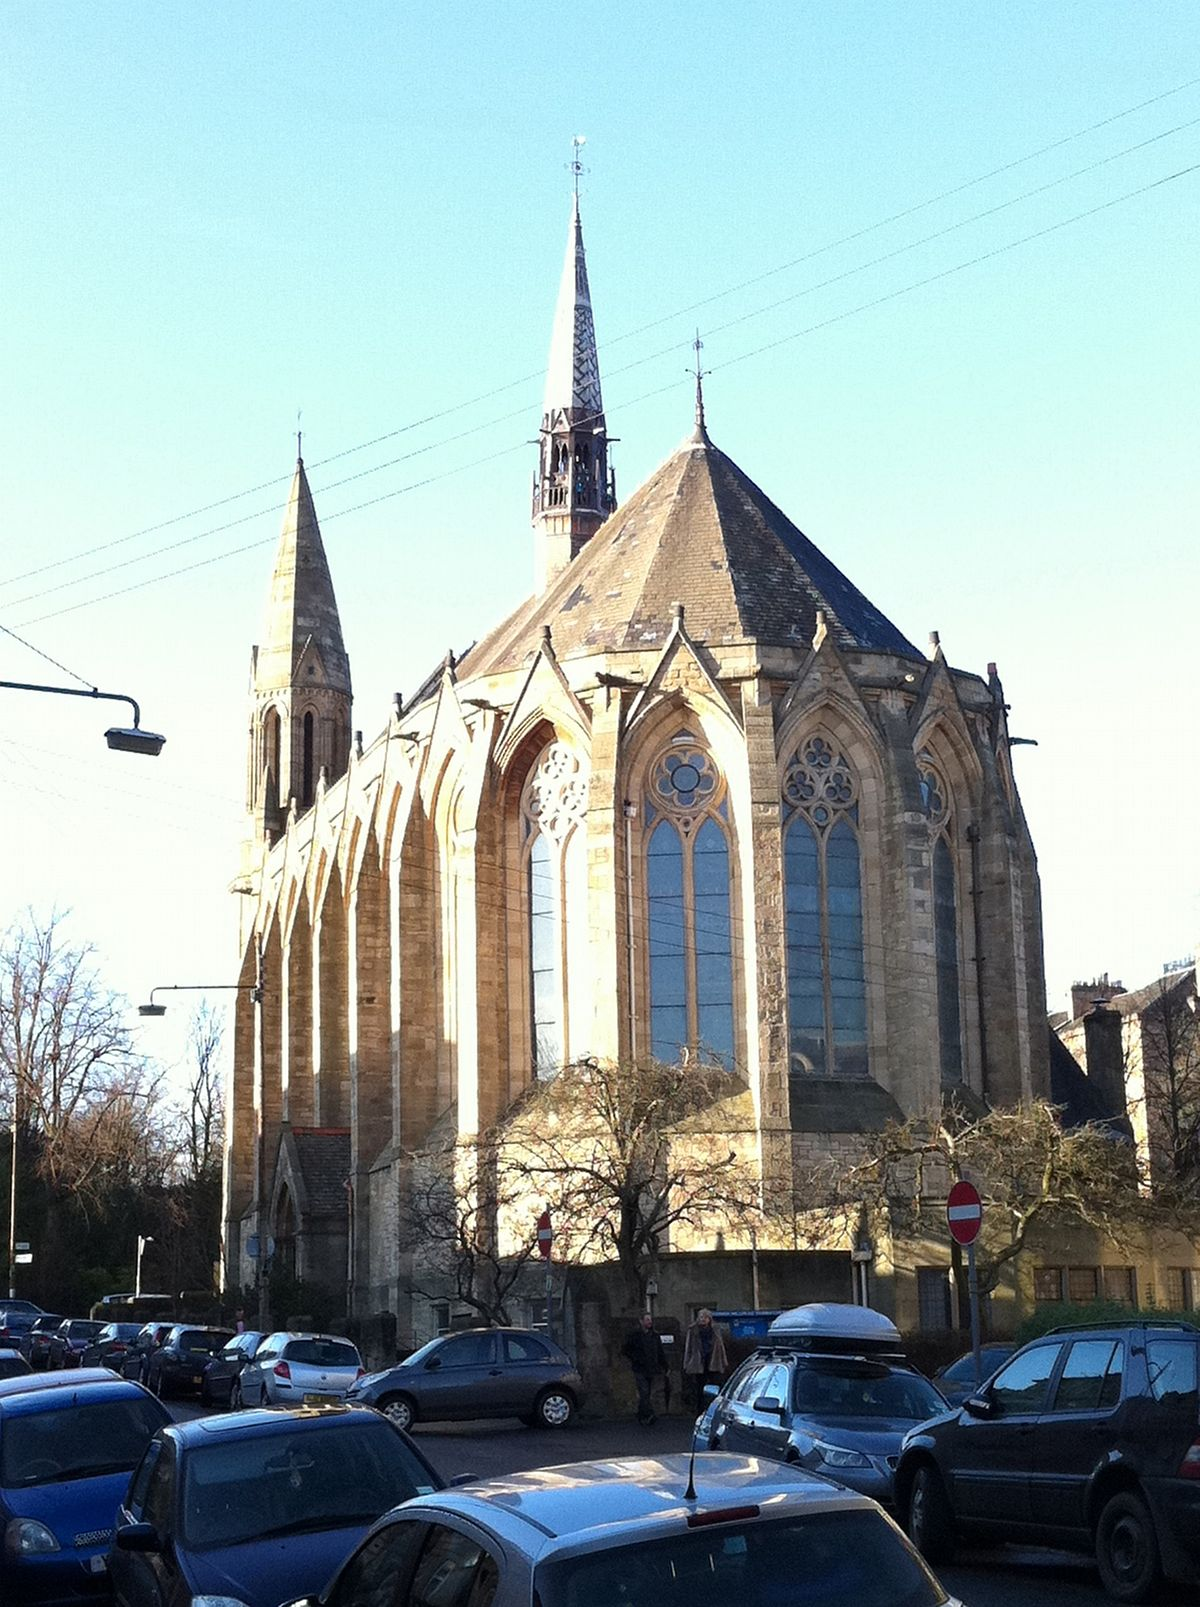 Kelvinside Hillhead Parish Church, Glasgow - Wikipedia